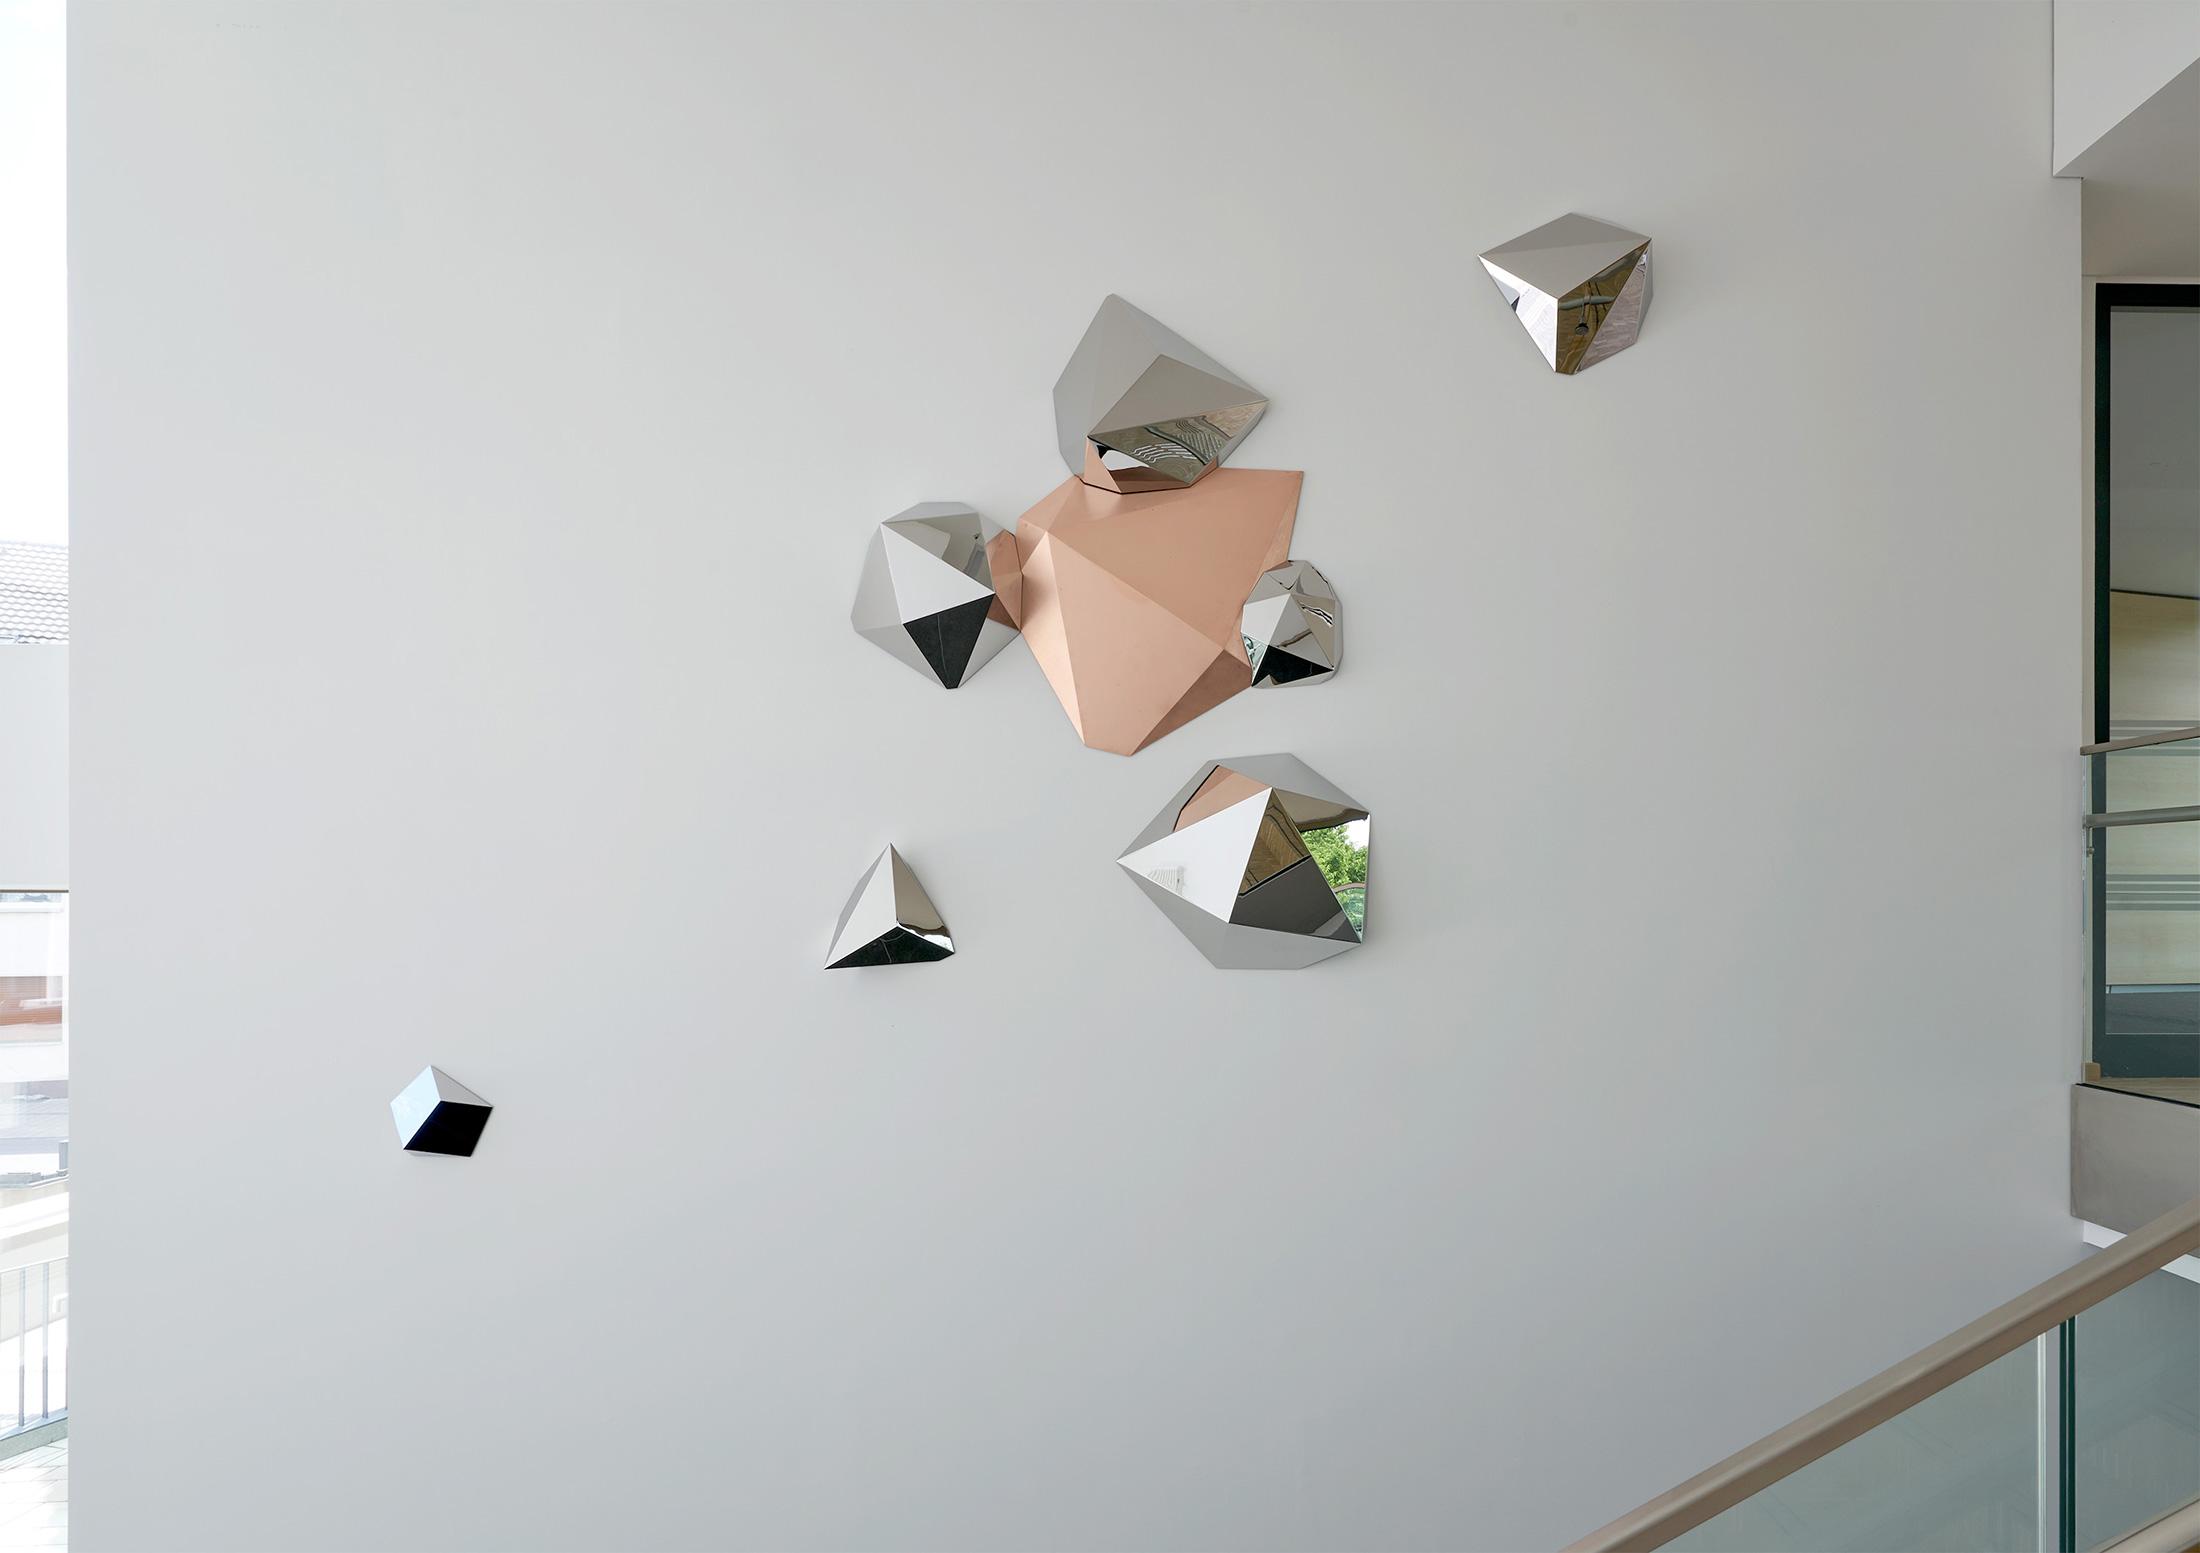 Eugène_01, Kunst am Bau, Rathaus der Stadt Ratingen, 2020